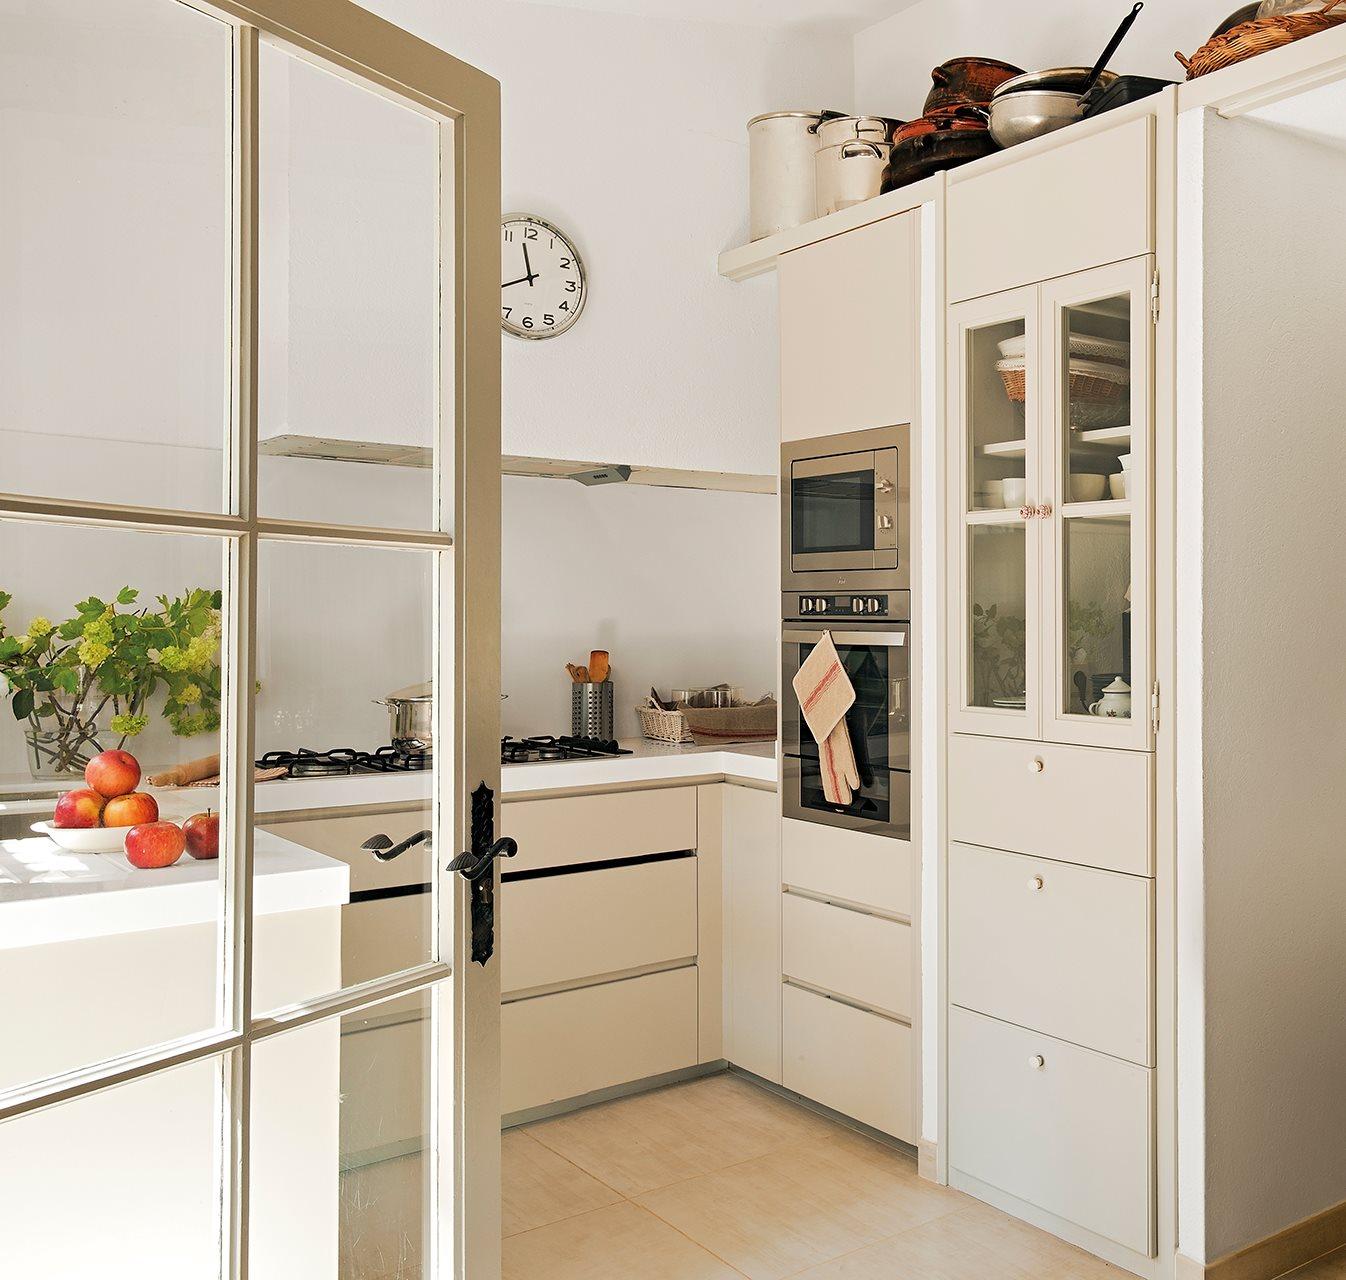 Una cocina mini puede ser perfecta for Muebles de esquina para cocina